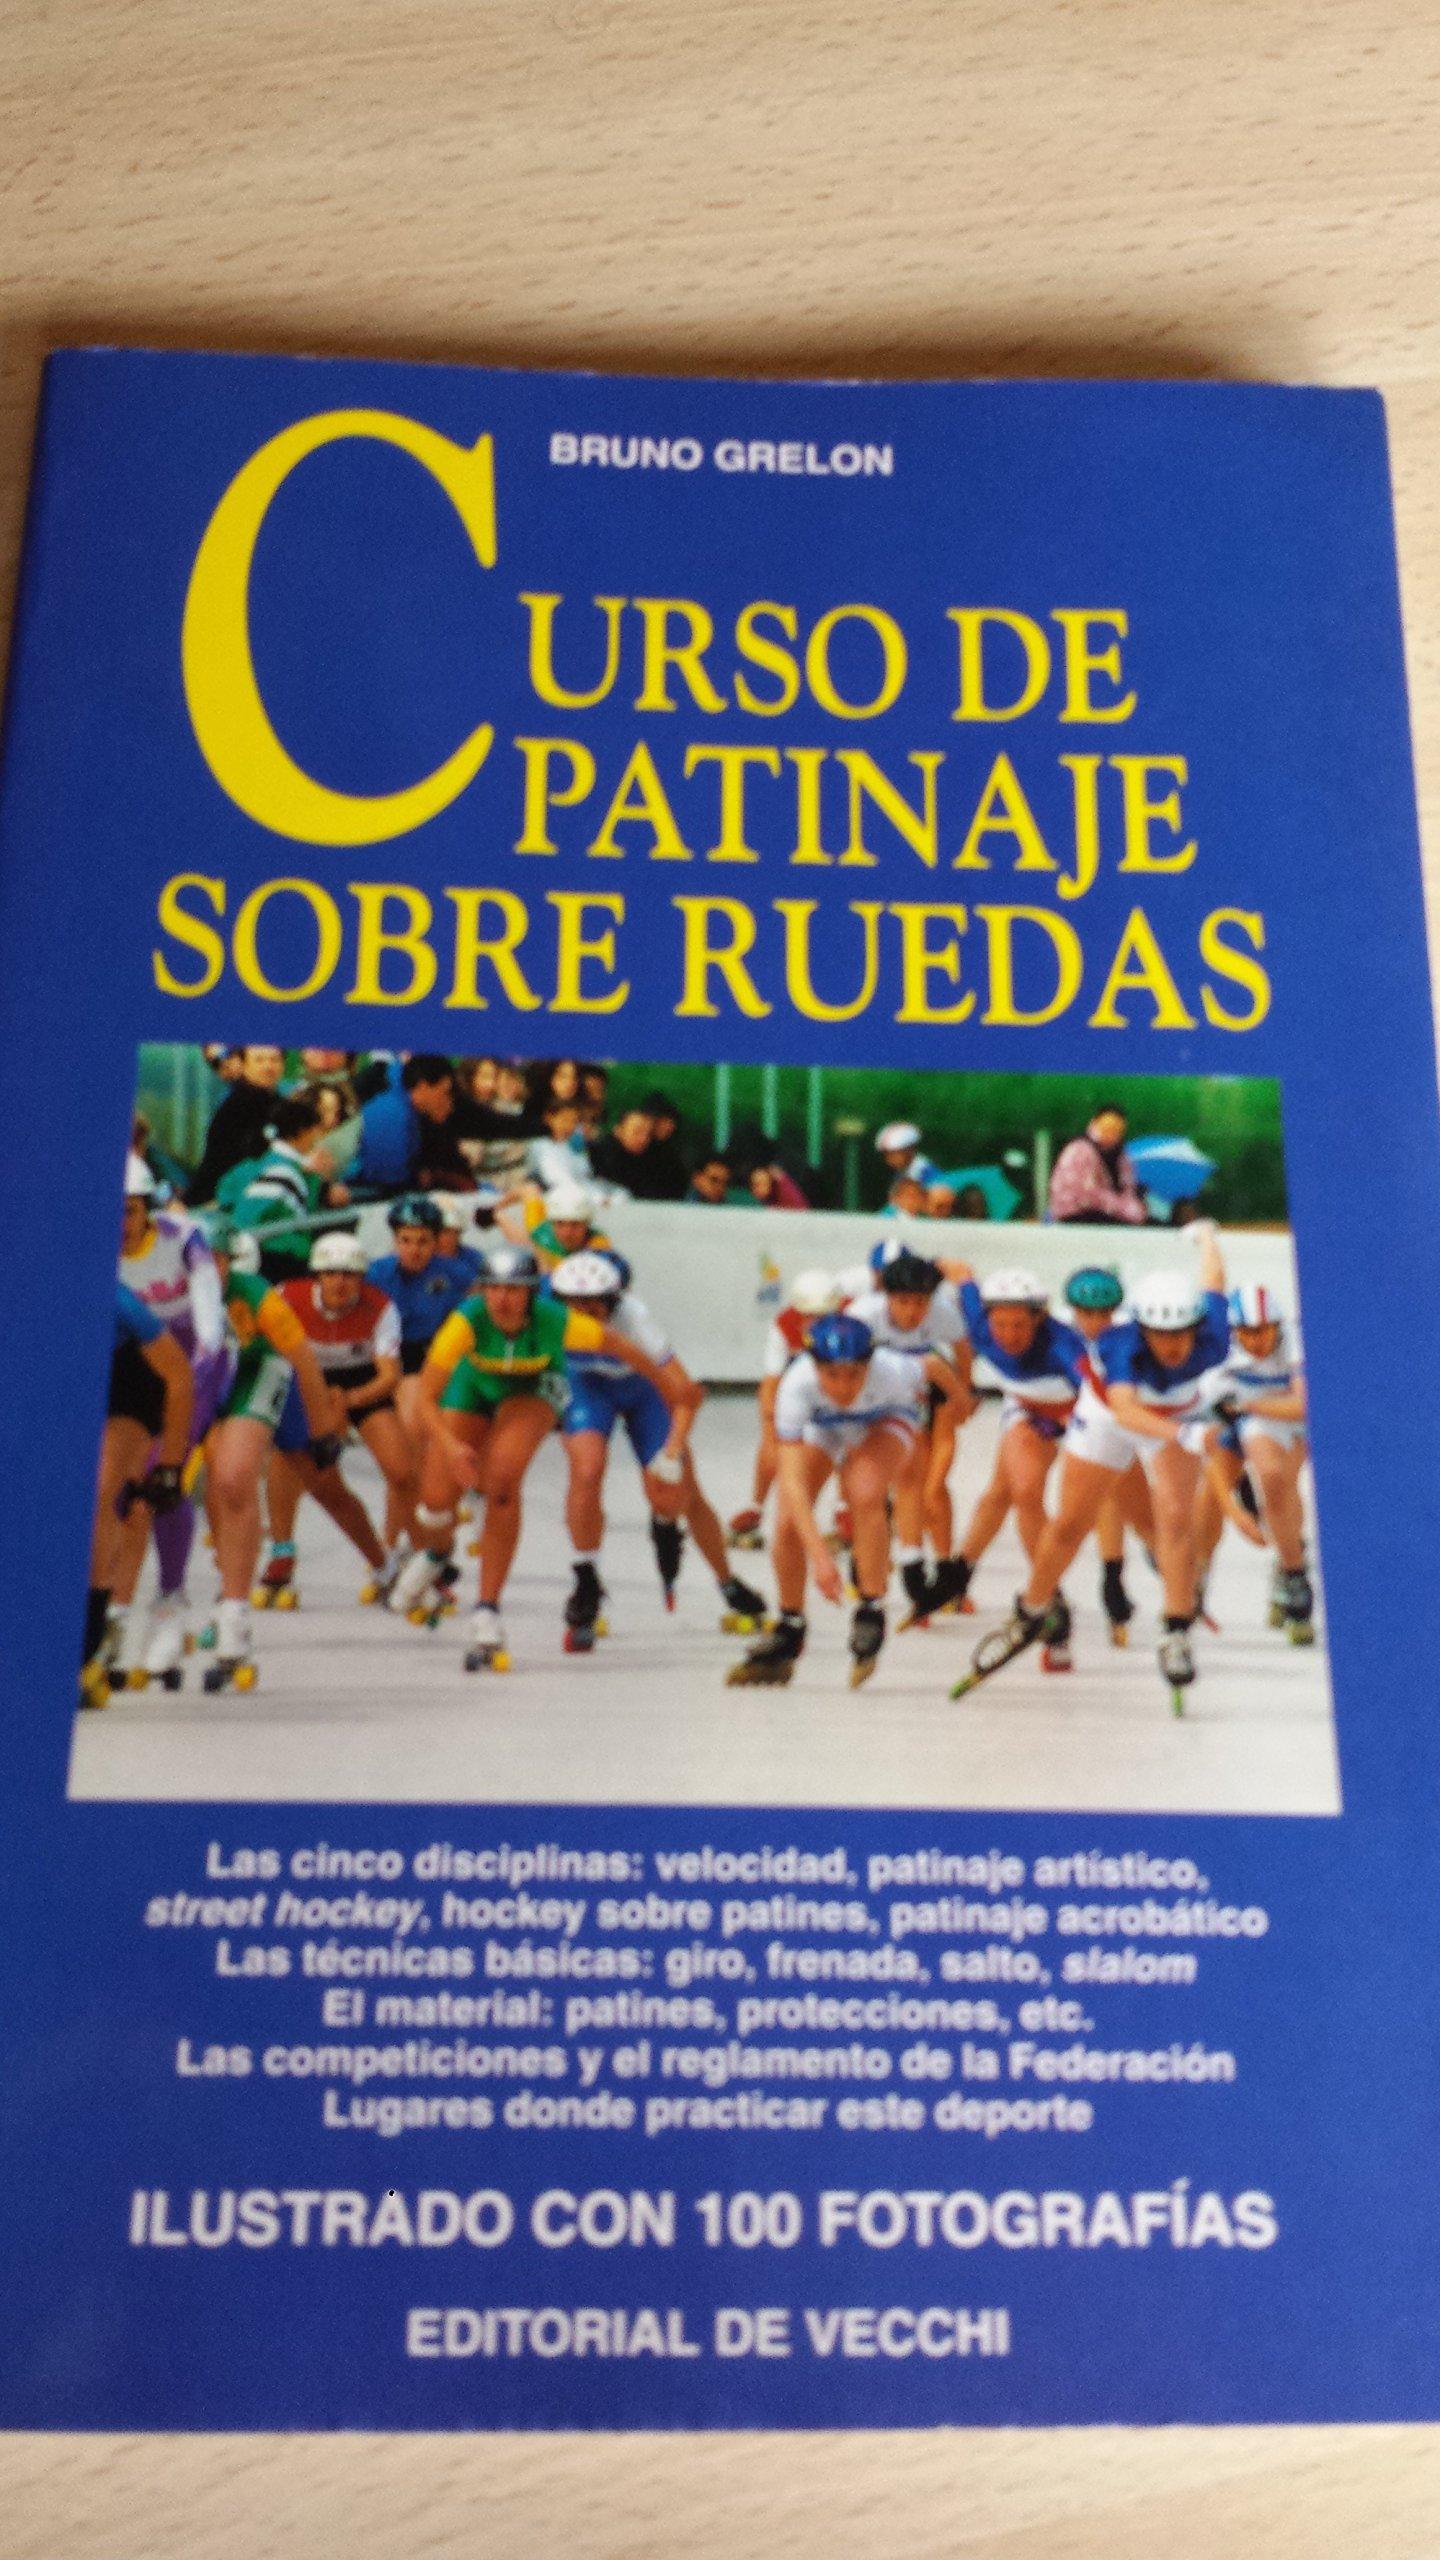 Curso de Patinaje Sobre Ruedas (Spanish Edition) (Spanish) Paperback – November, 2000